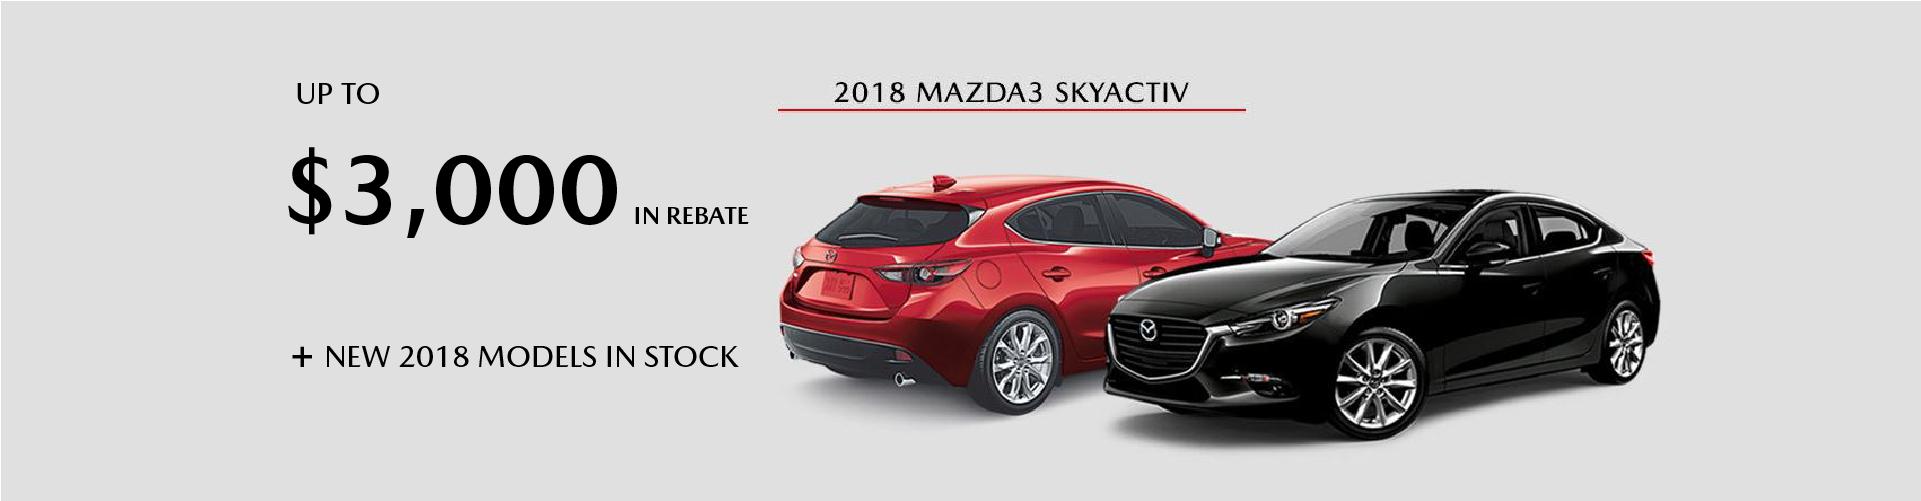 2018 Mazda3 Skyactiv